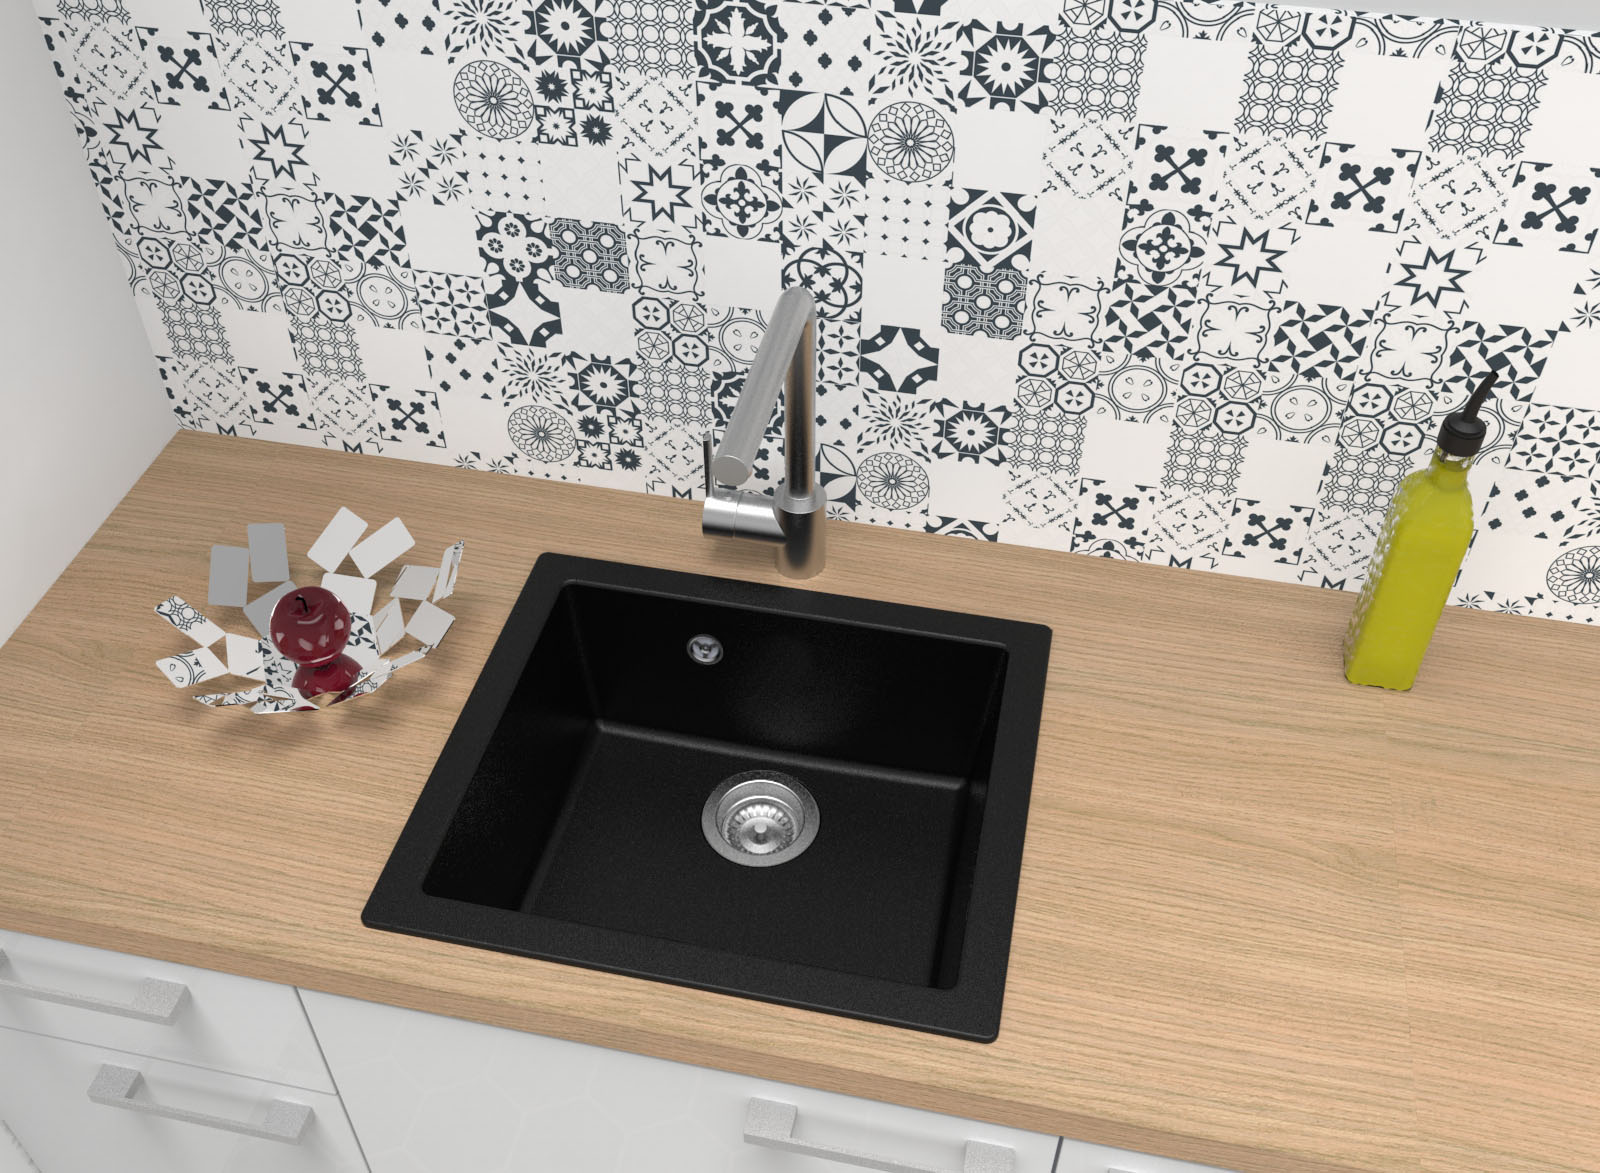 Spüle Küchenspüle Einbauspüle Spülbecken Mineralite 50 x 44 schwarz respekta